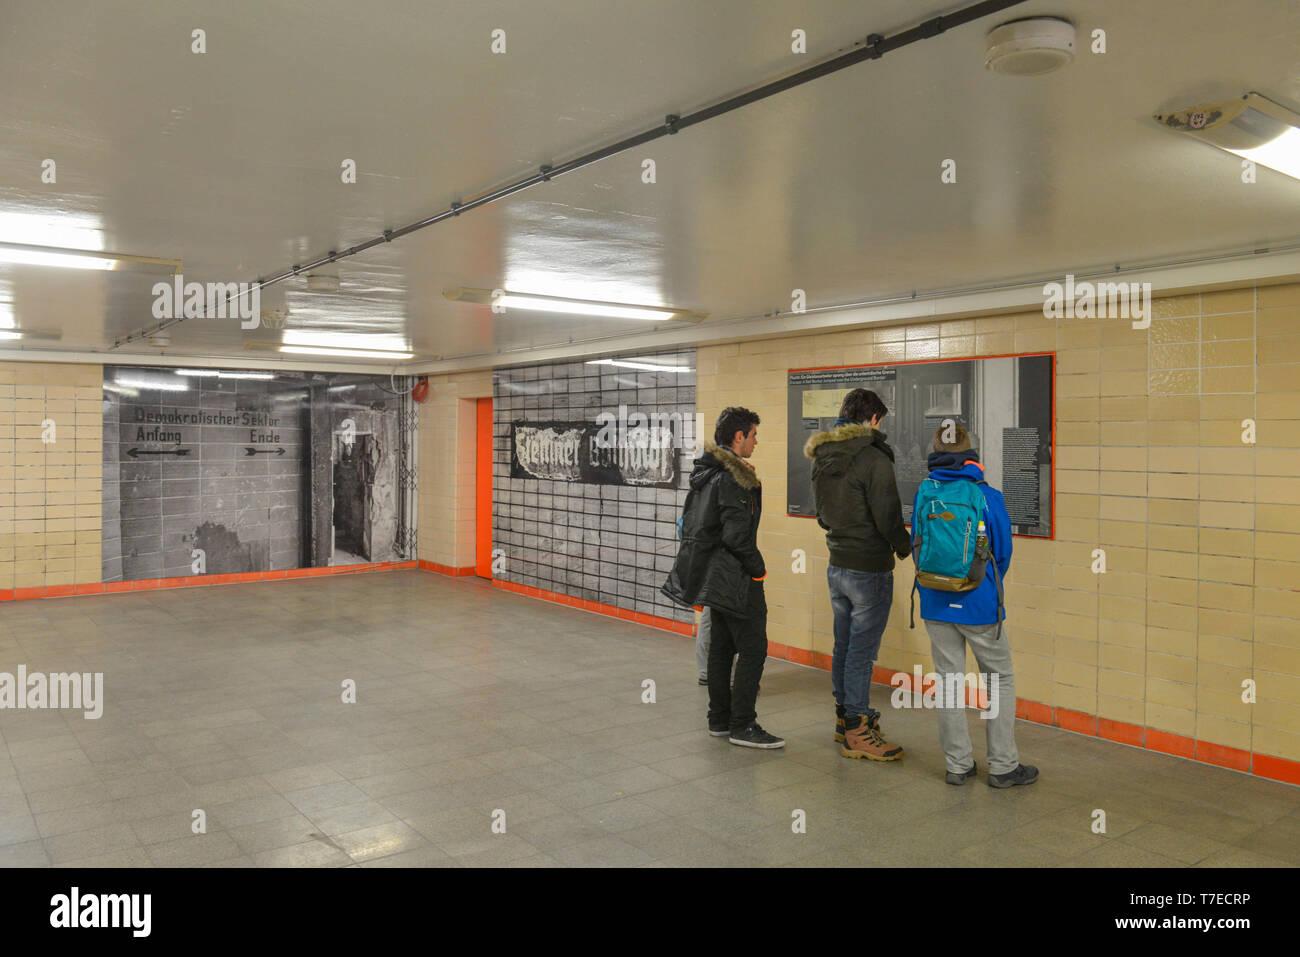 Ausstellung Nordbahnhof, Berliner Mauer, Mitte, Berlin, Deutschland - Stock Image